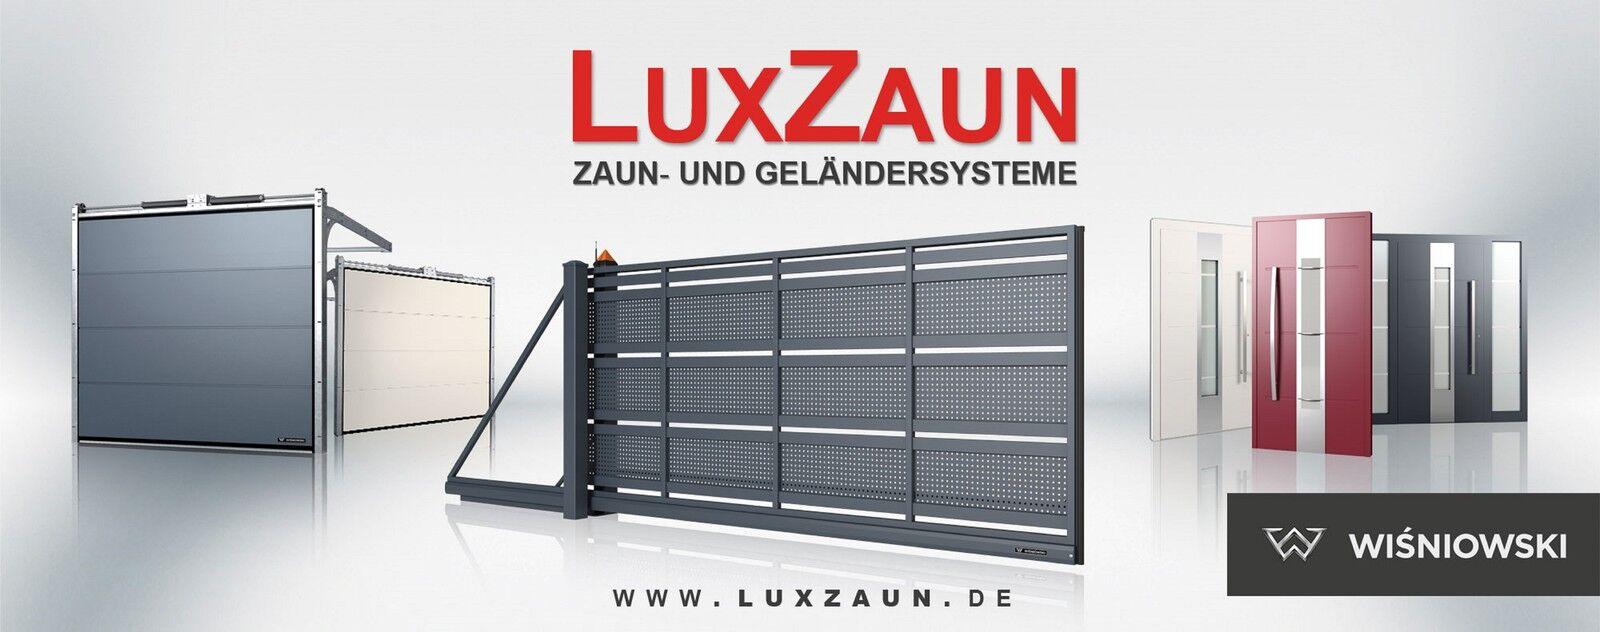 Luxzaun